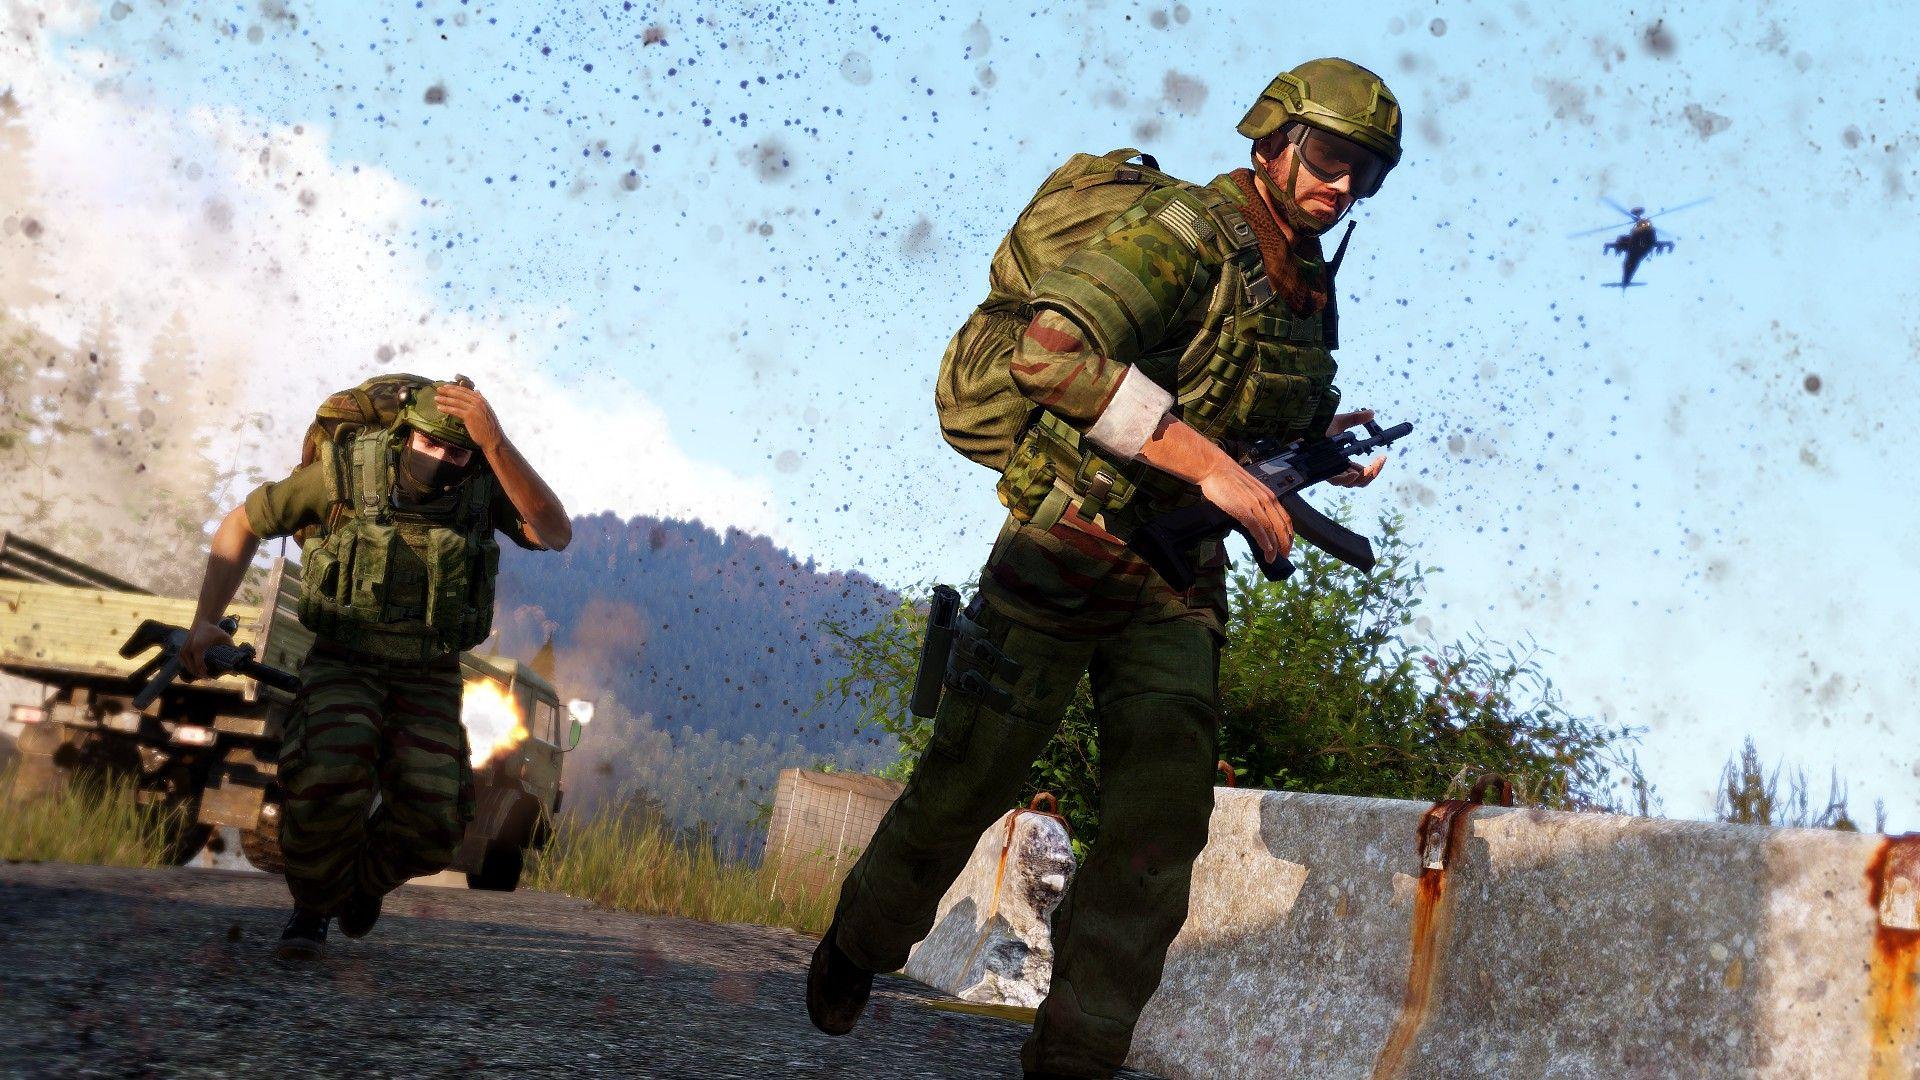 Pin On Arma 3 Screenshots